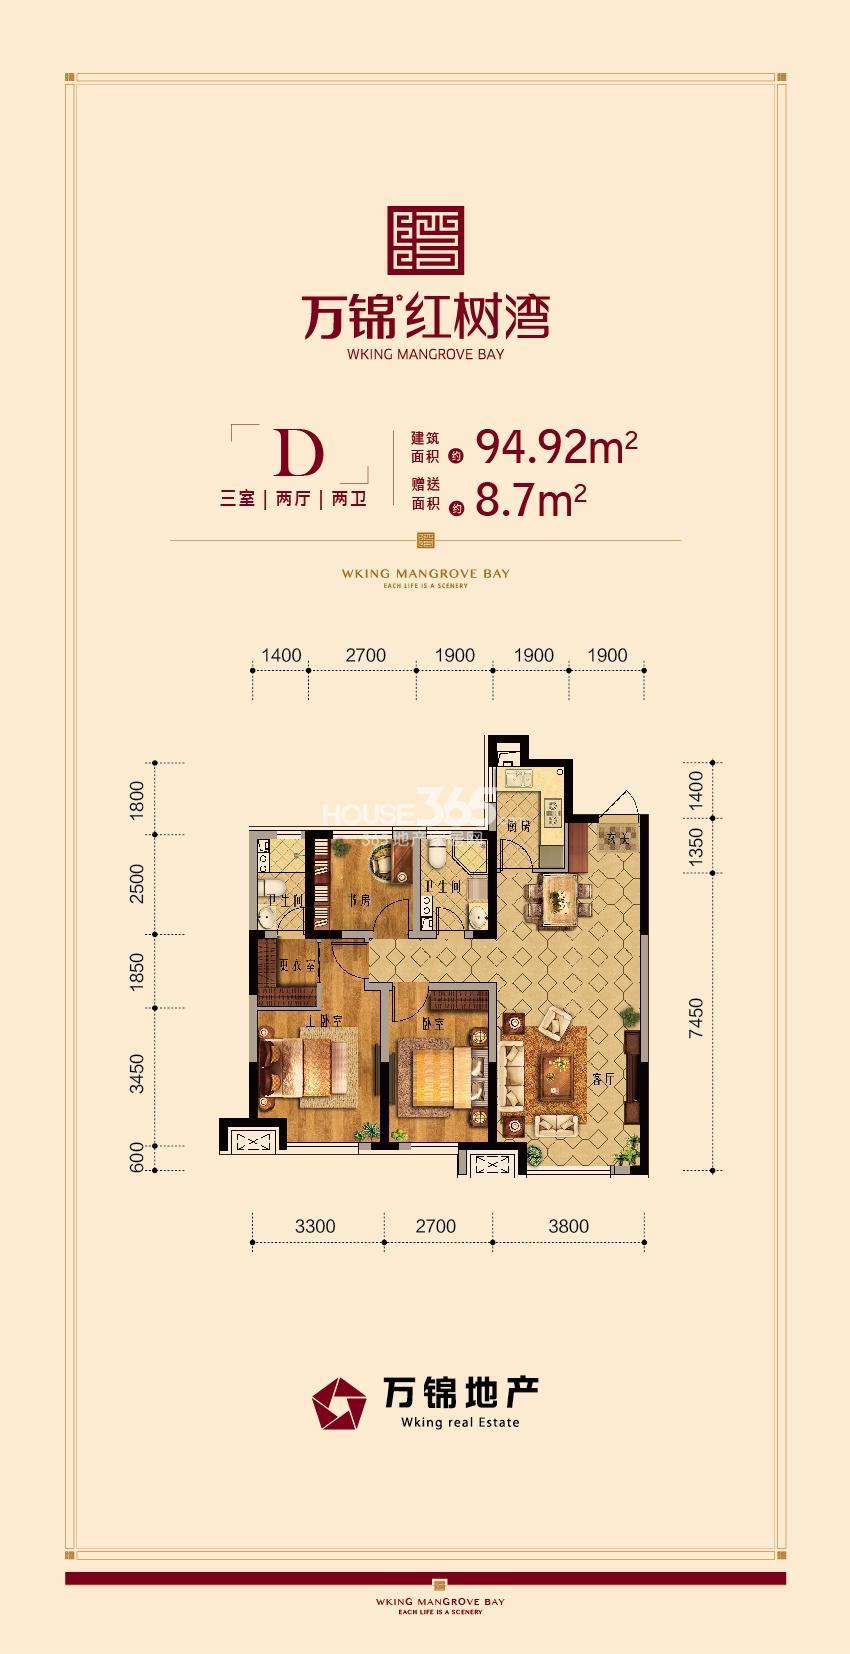 万锦红树湾三室两厅两卫94.92平米